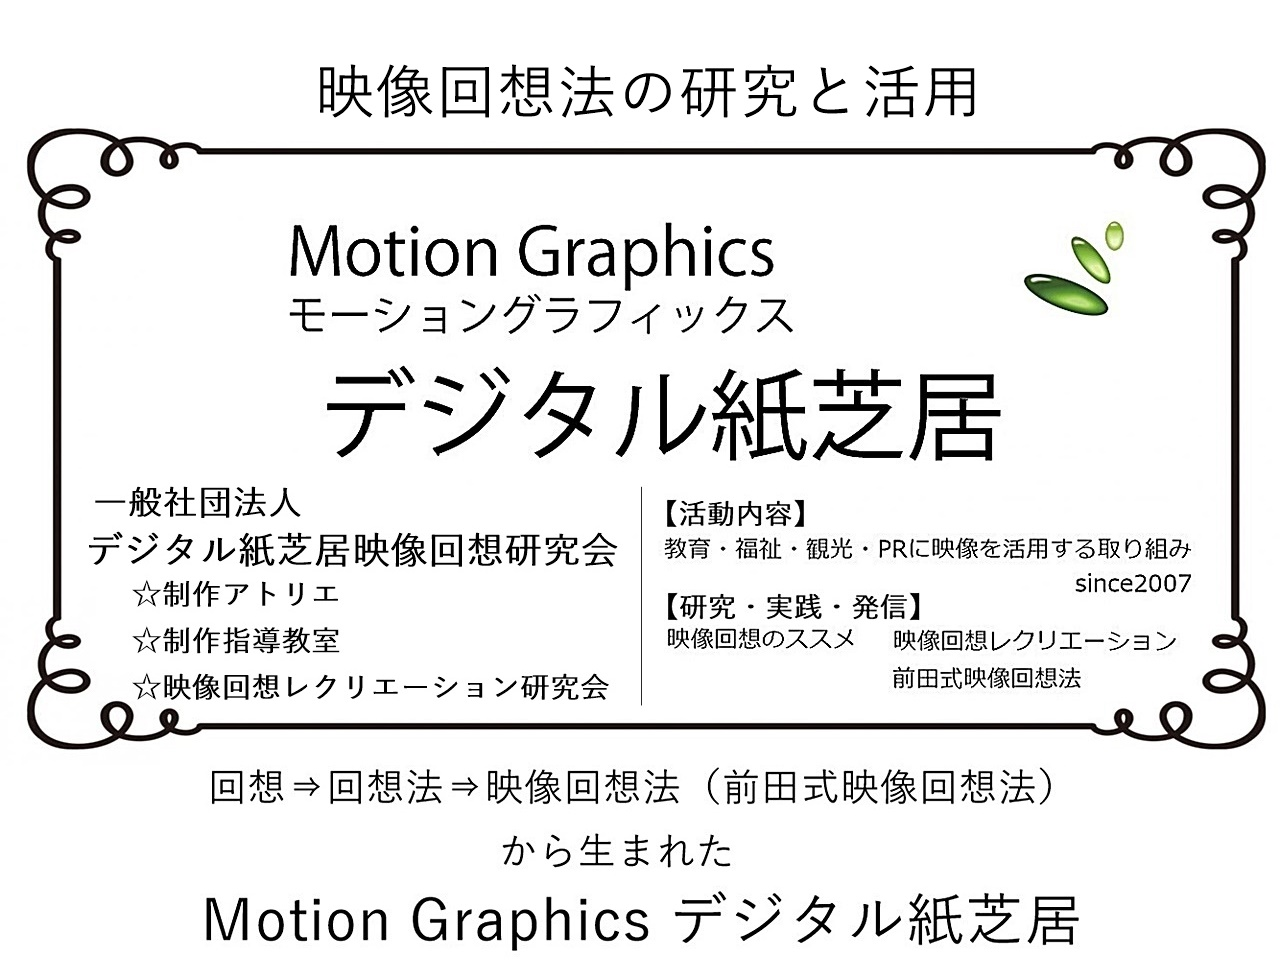 デジタル紙芝居|デジタル紙芝居教室|モーショングラフィックス|映像回想法|